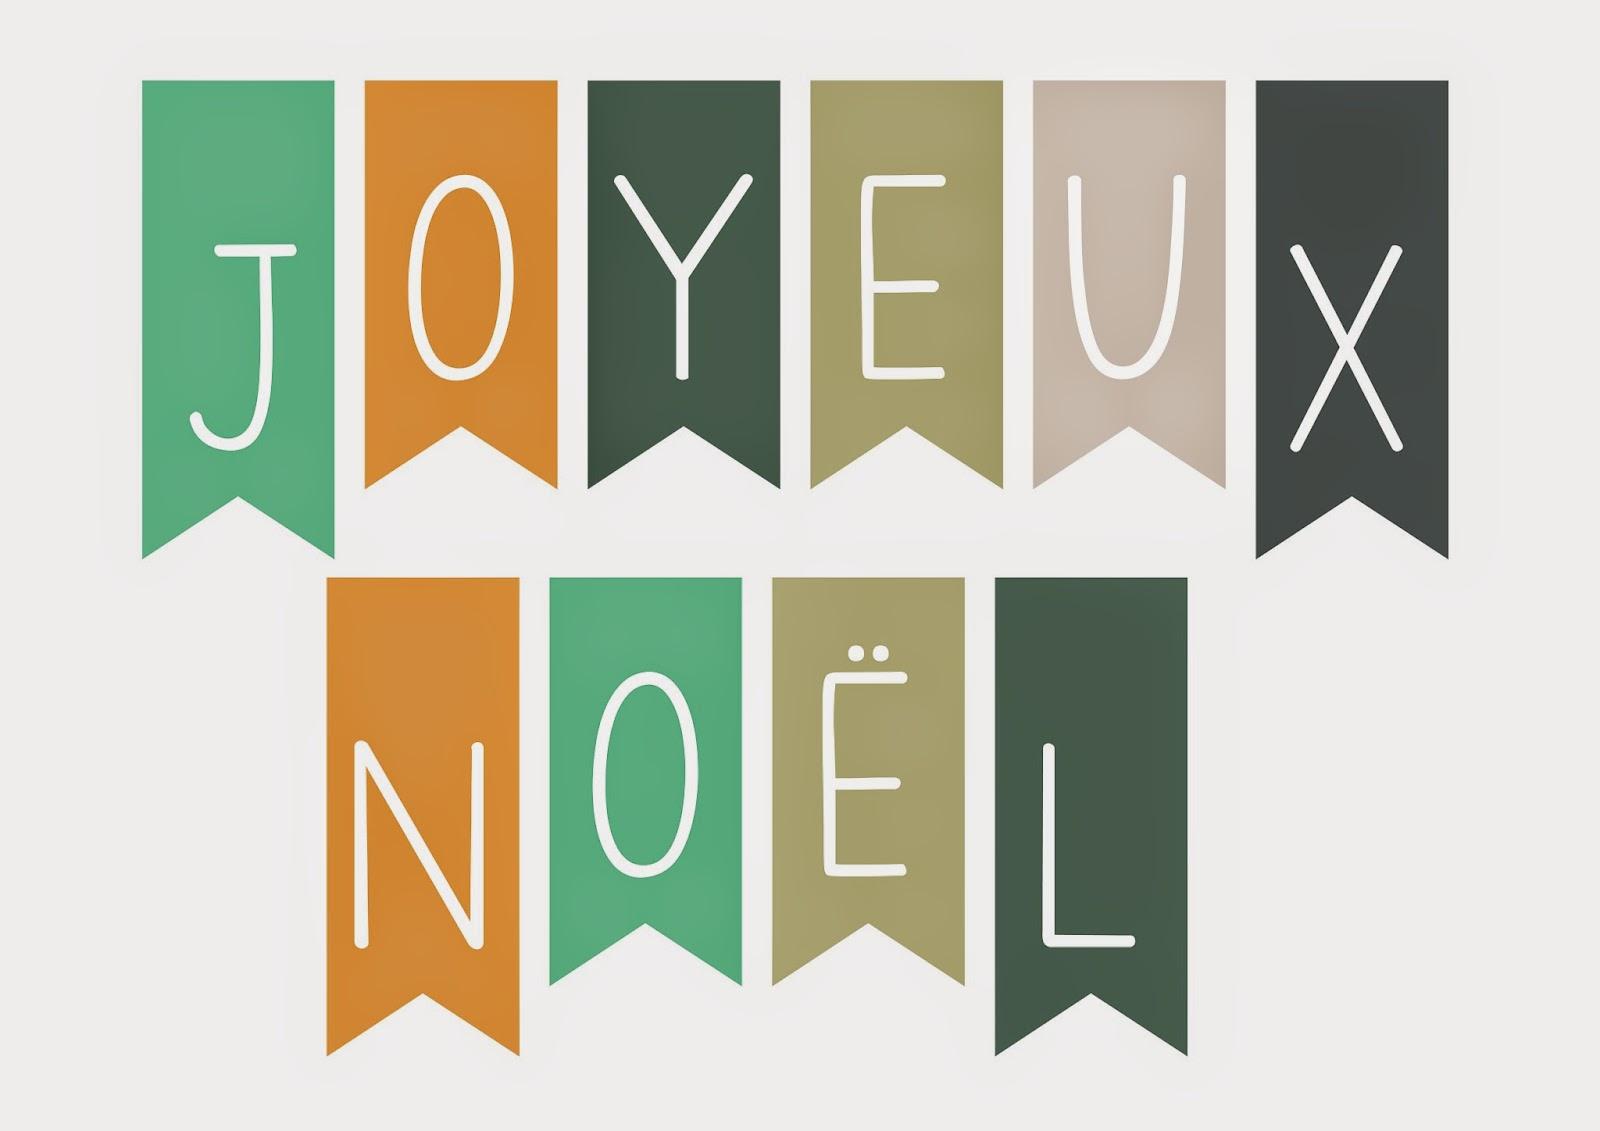 joyeux noel a imprimer Guirlande Joyeux Noel À Imprimer gallery joyeux noel a imprimer